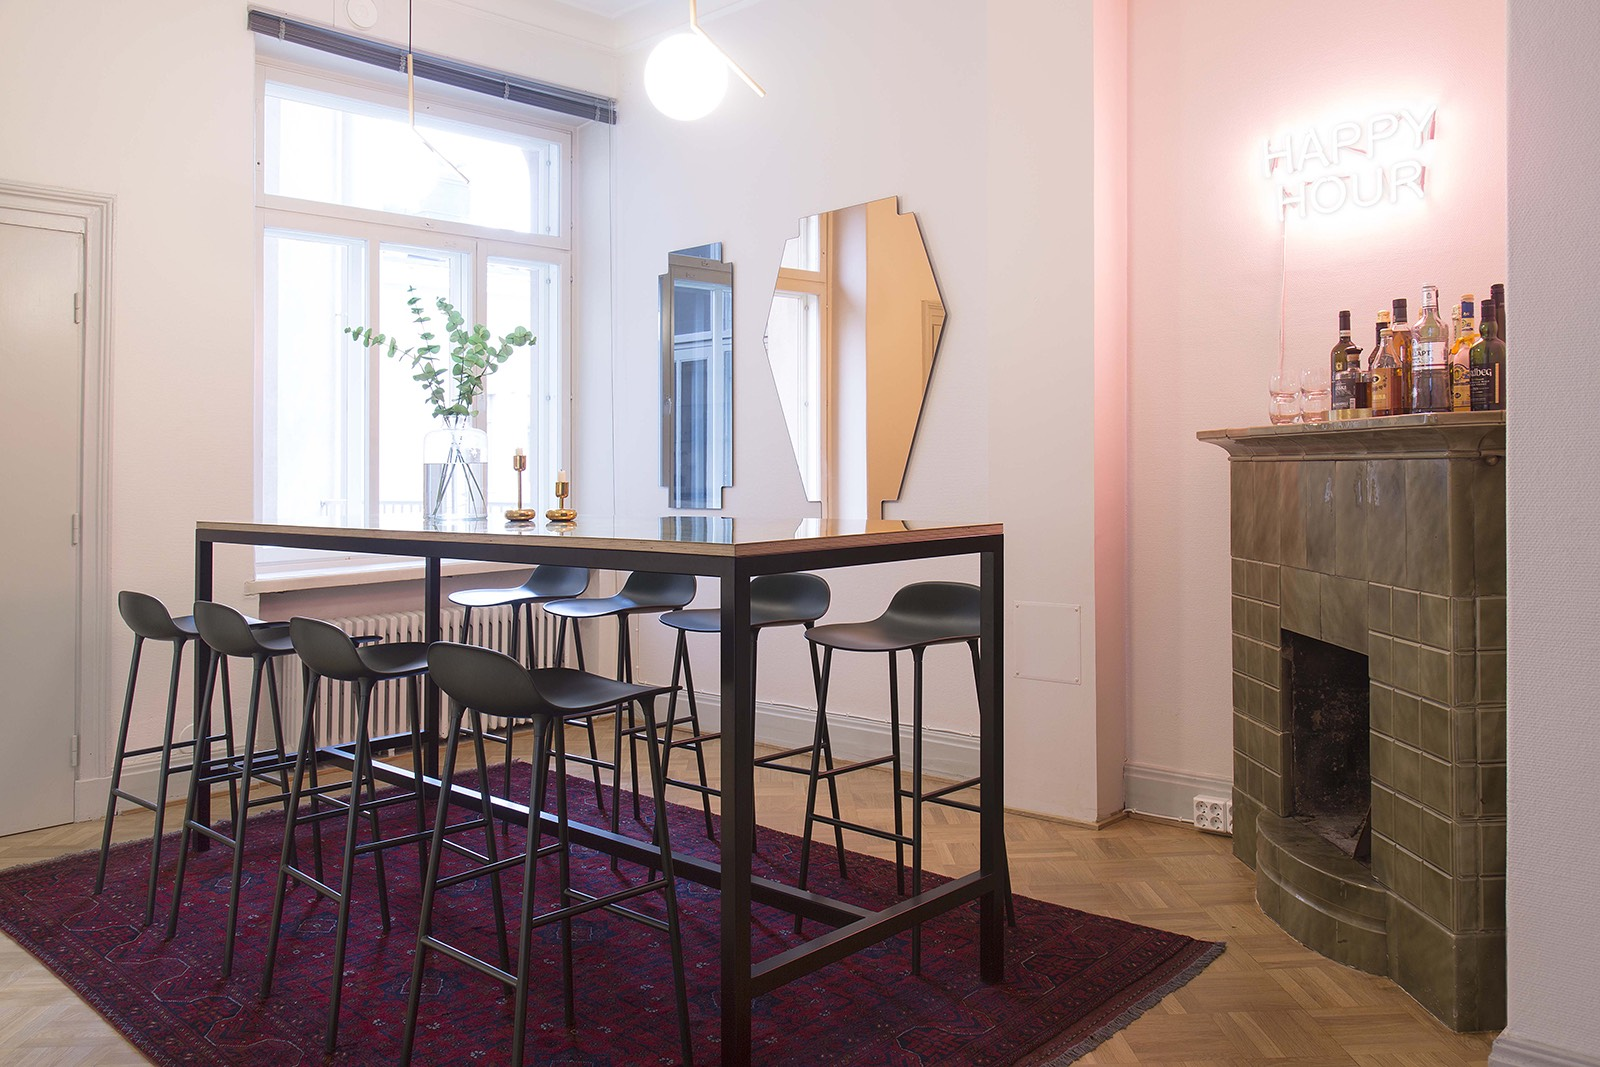 bbo-helsinki-office-3